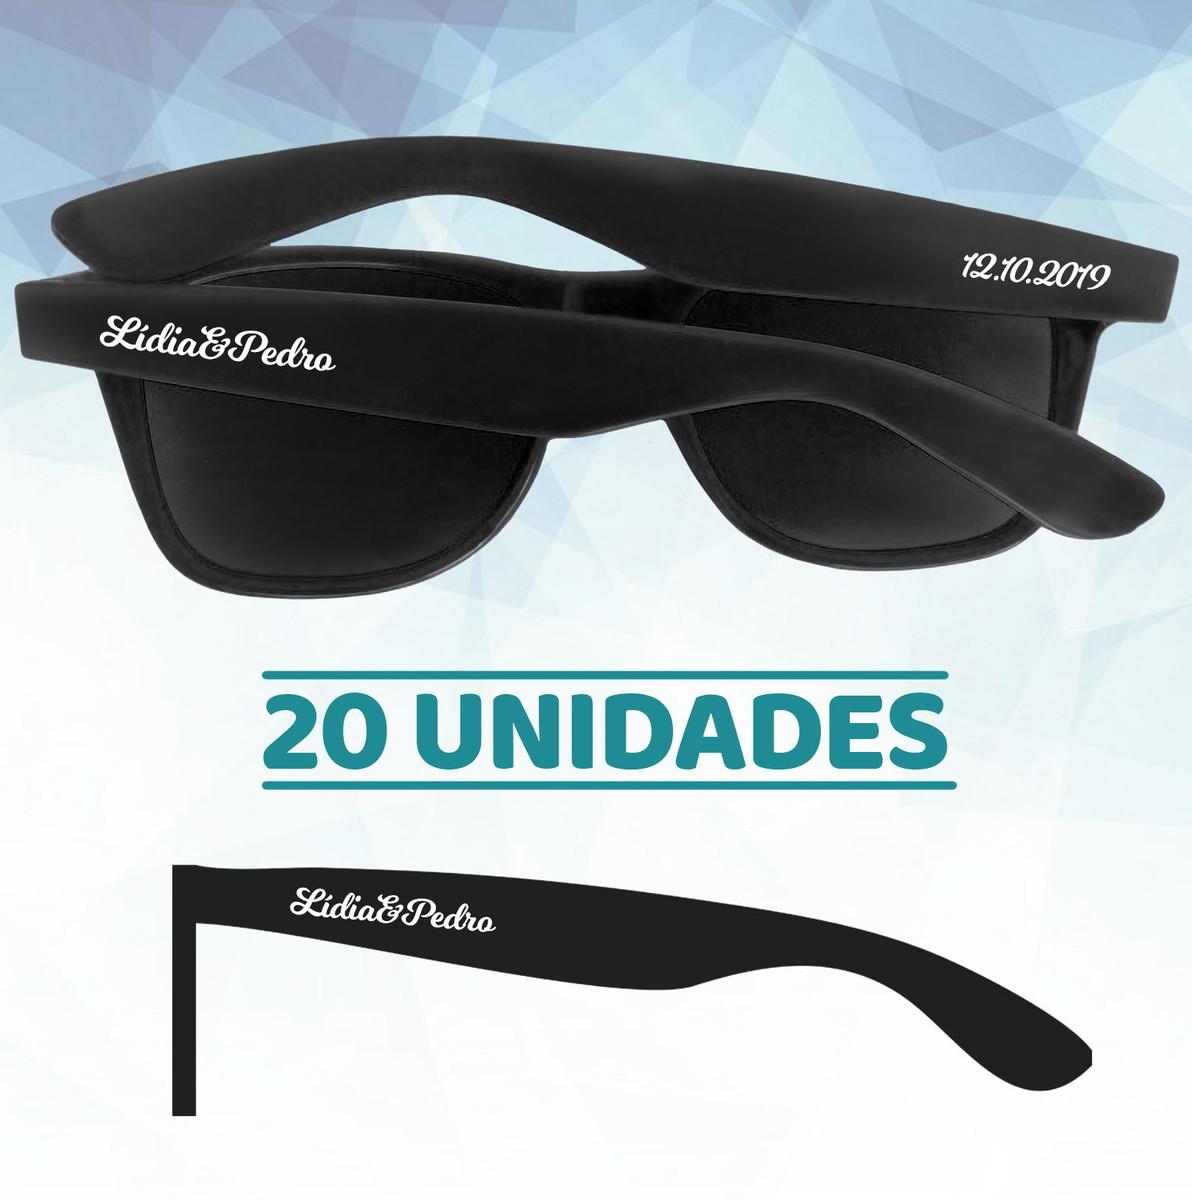 ff5a8e81edc39 20 Óculos Personalizados no Elo7